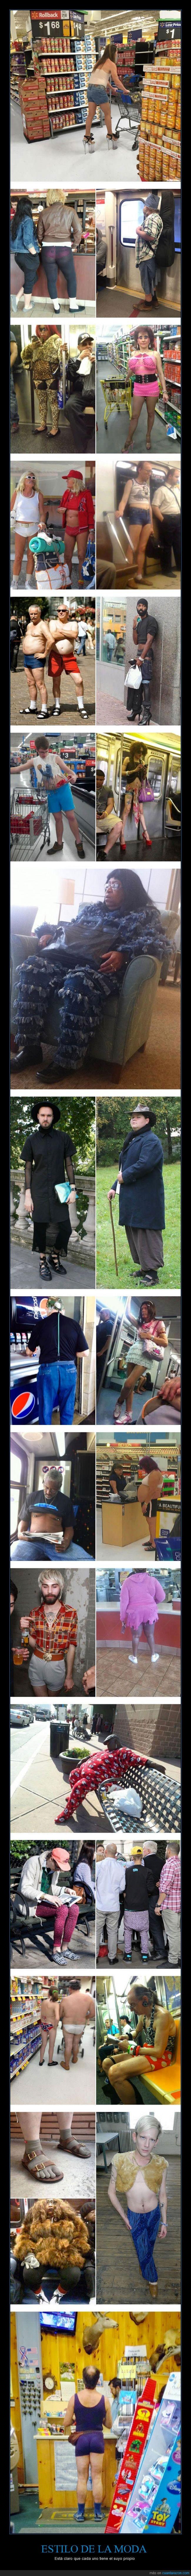 ceñido,estilismo,estilo,fashion victims,hipster,moda,pintas,ropa,Walmart